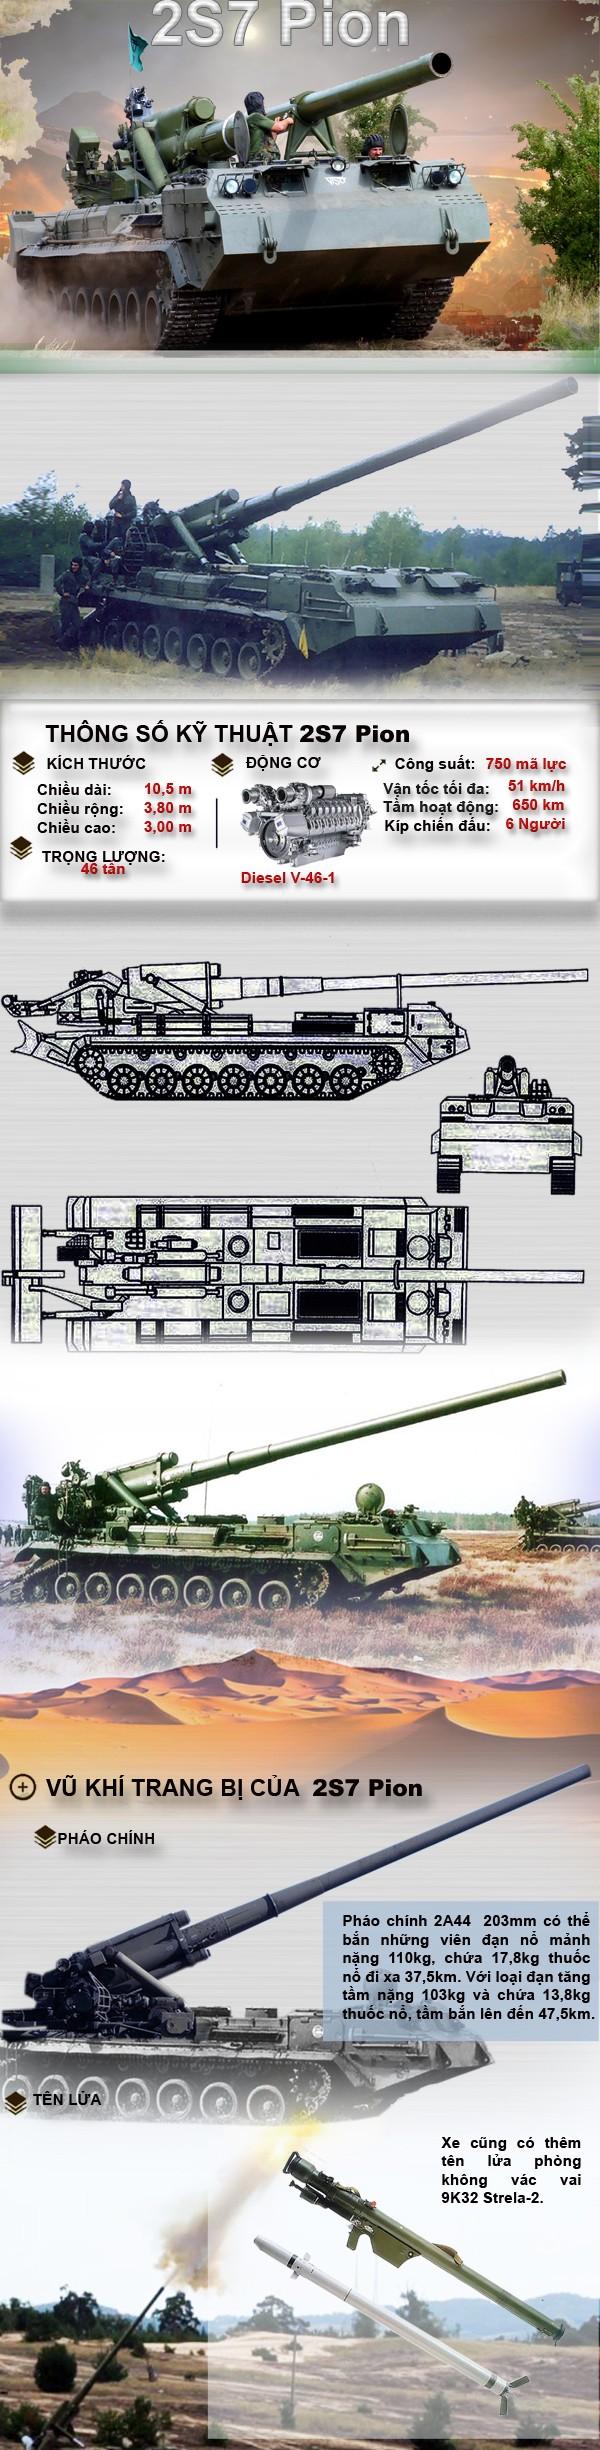 [Infographic] 2S7 Pion - Sức mạnh khủng khiếp của pháo tự hành bắn đạn hạt nhân ảnh 2